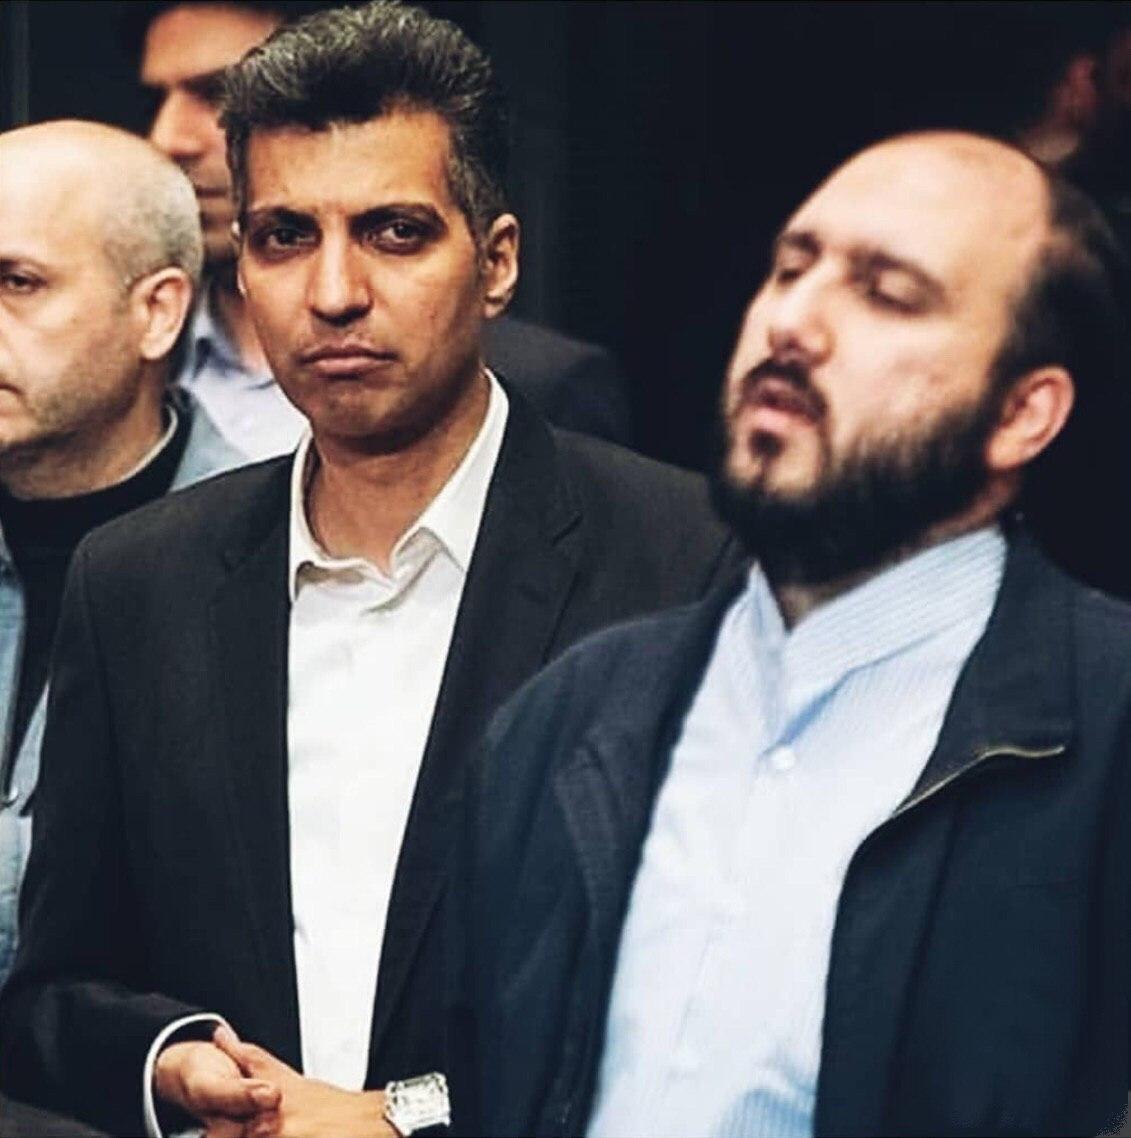 عادل فردوسی پور و علی فروغی در حاشیه جشنواره جام جم+ عکس